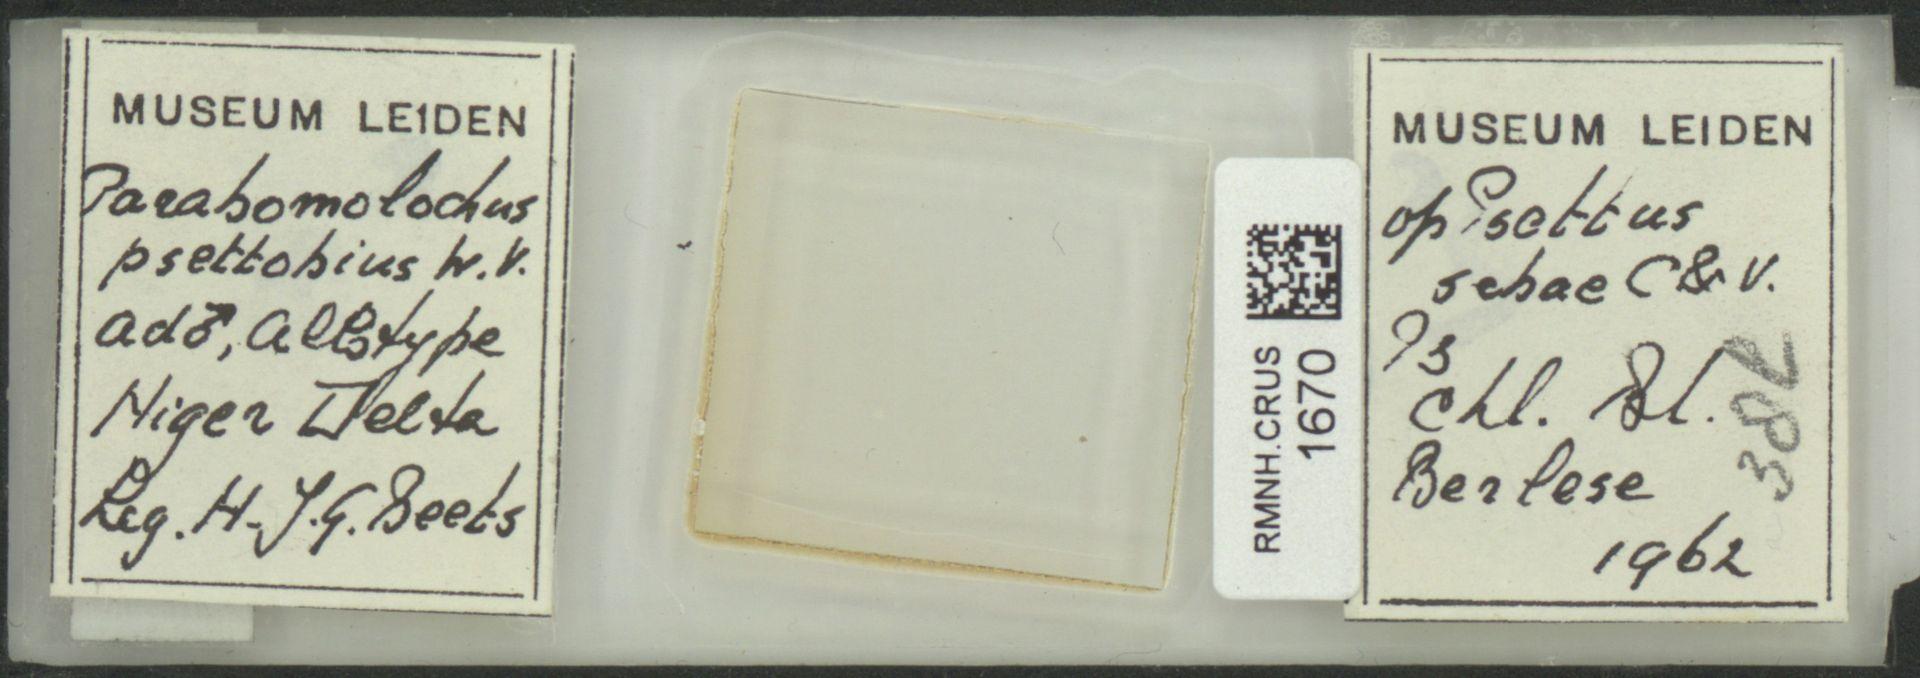 RMNH.CRUS.1670 | Parabomolochus psettobius Vervoort, 1962